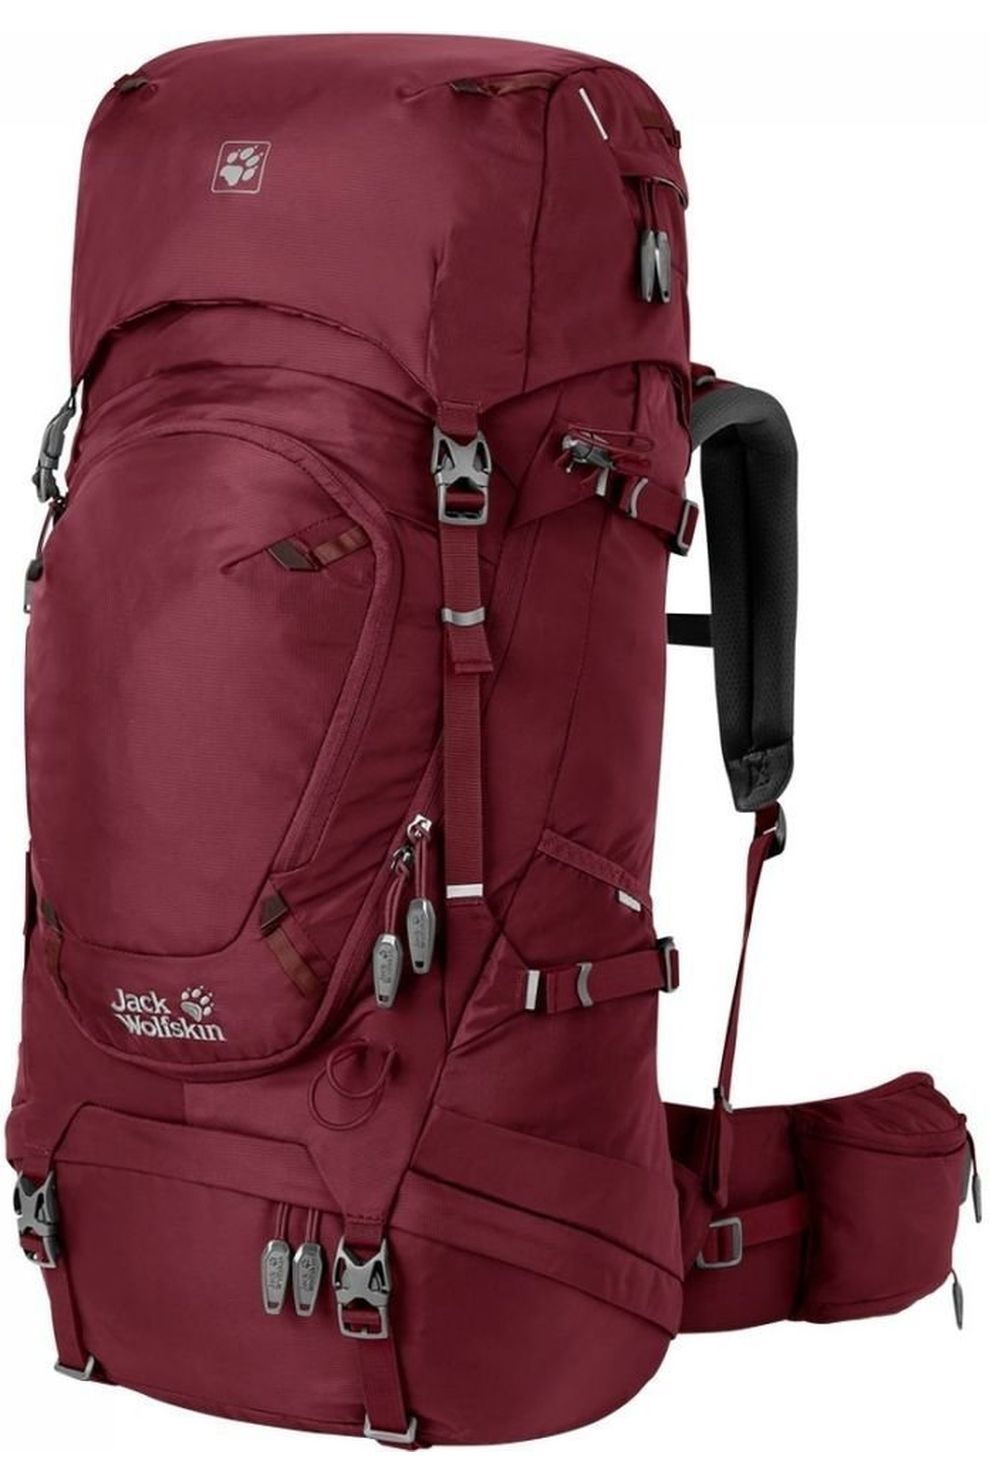 Jack Wolfskin Rugzak Highland Trail 55 voor dames - Blauw / Kastanjebruin